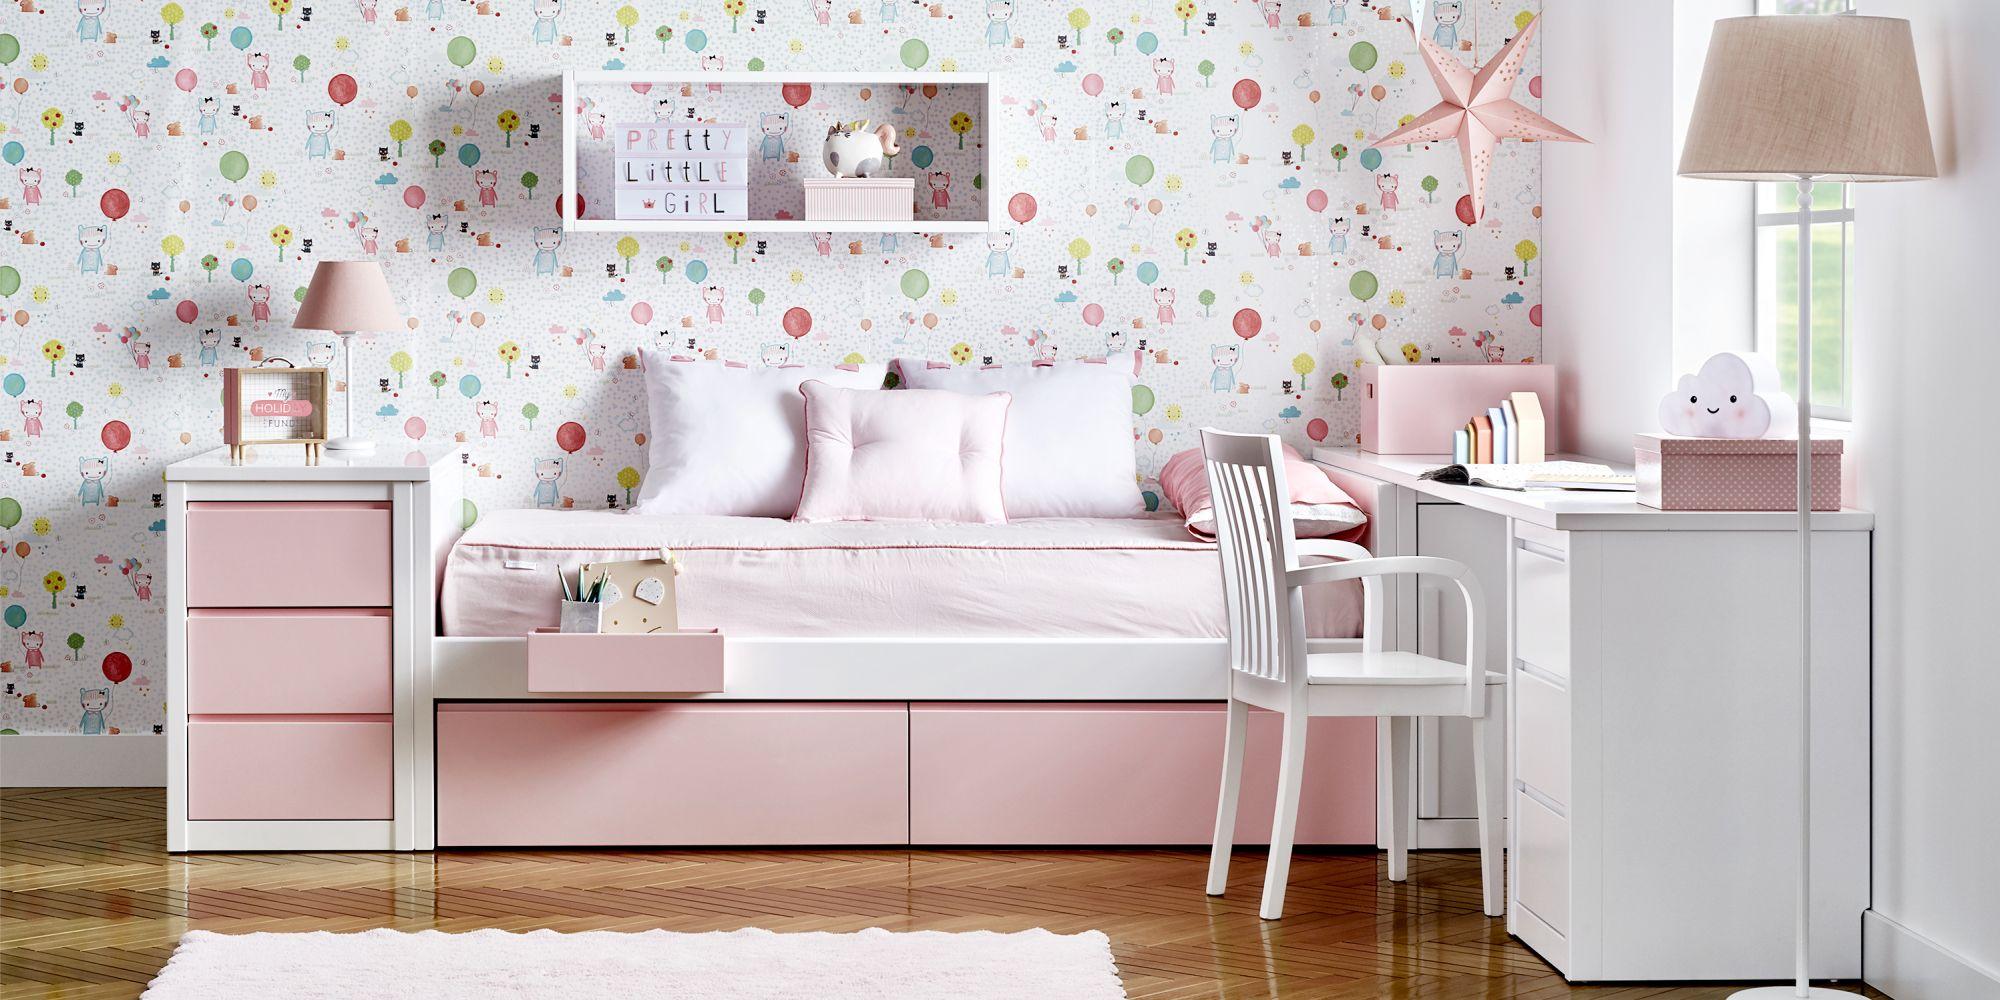 Cama nido con cajones rosas y almacenaje silla blanca